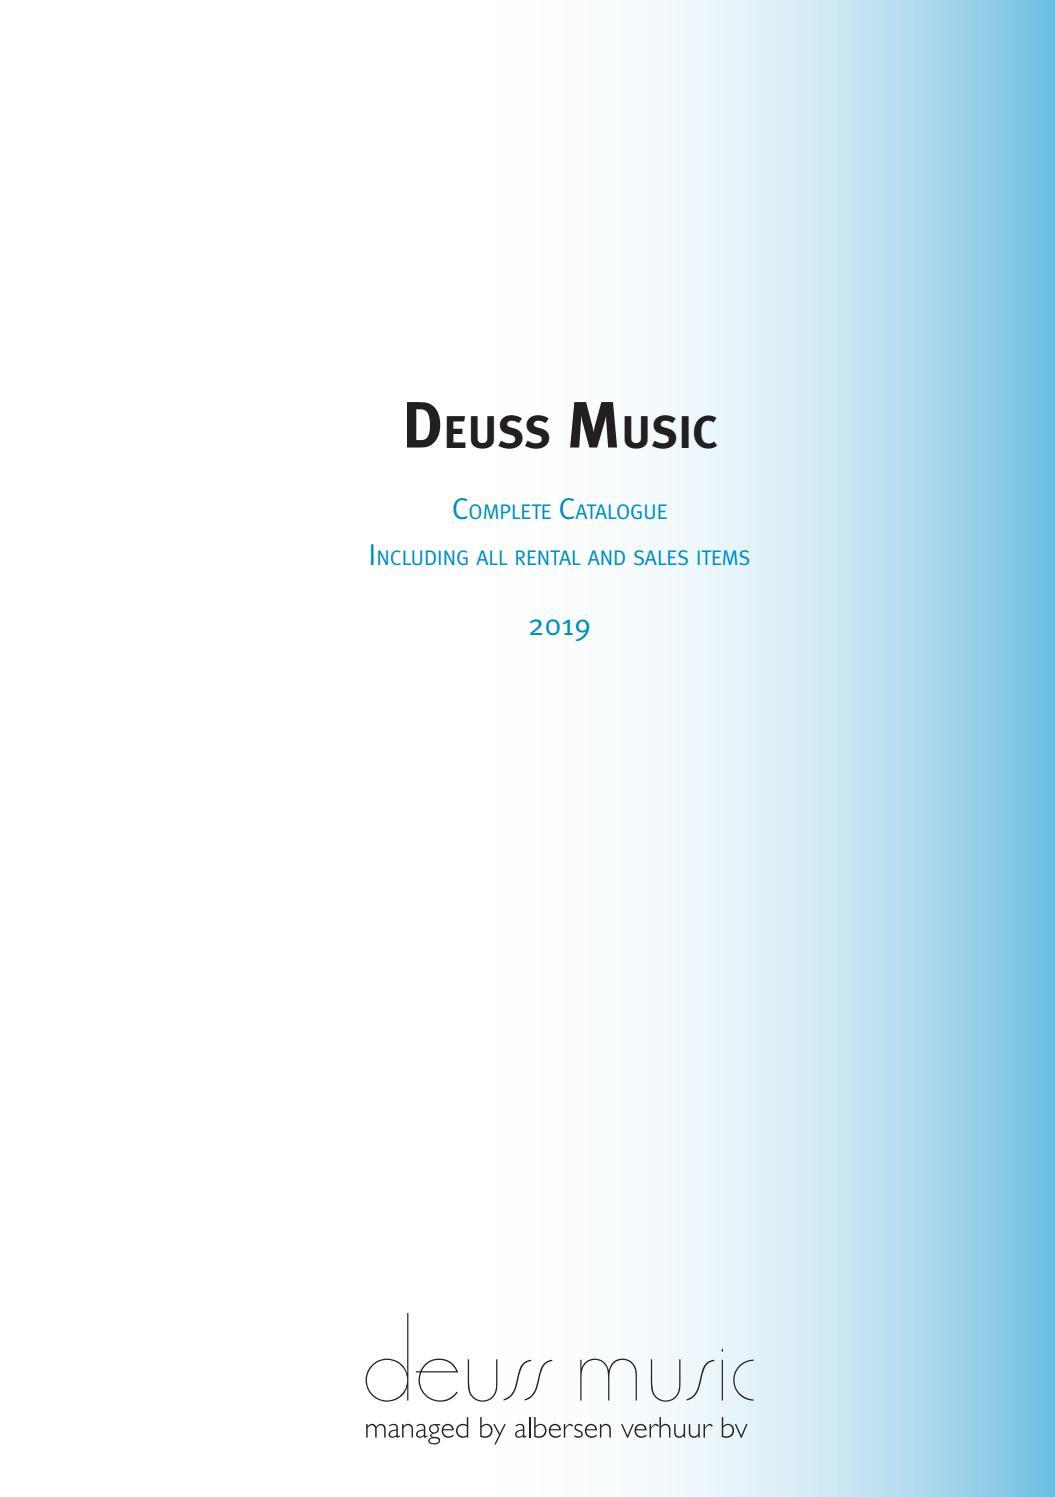 Deuss Music Catalogue 2019 By Deuss Music Issuu